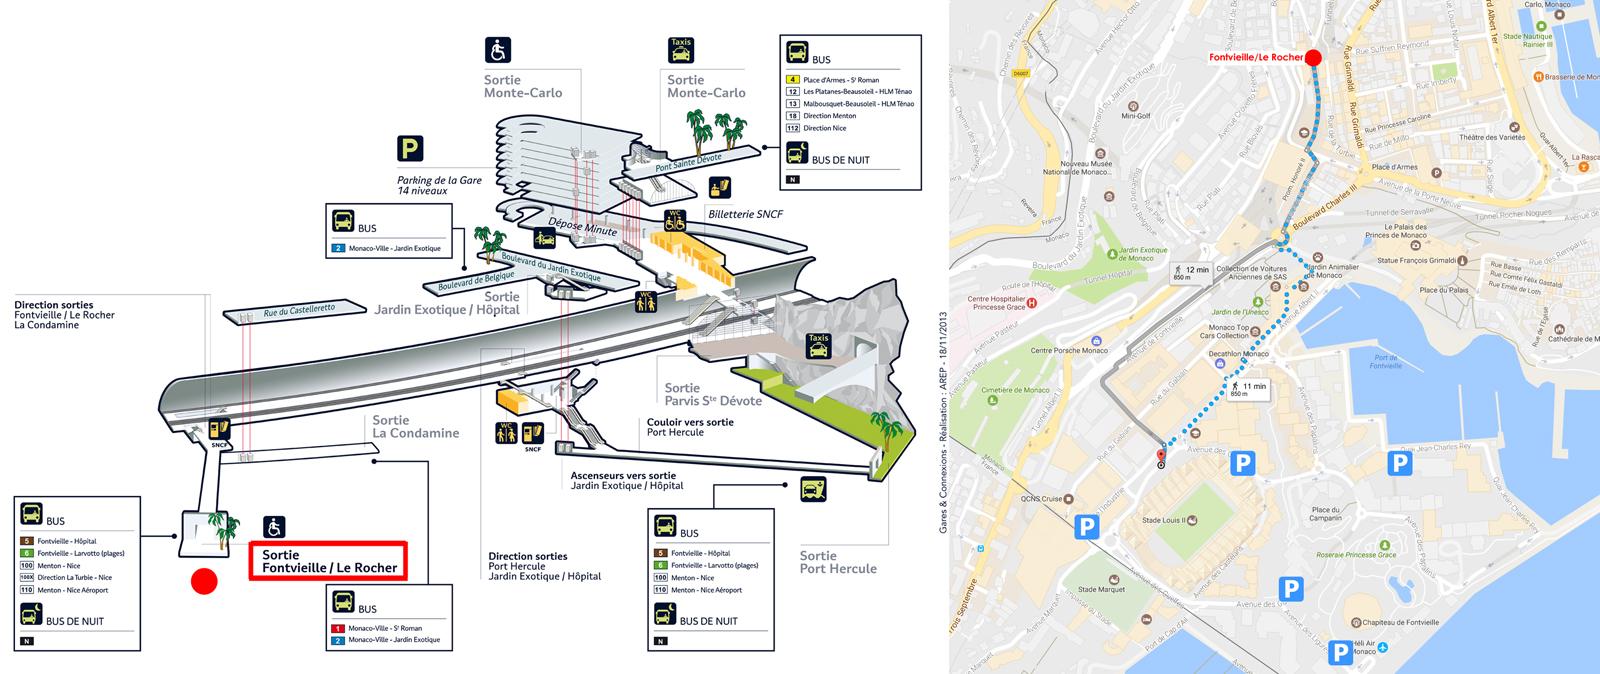 mappa informazioni stadio louis II monaco accesso treno